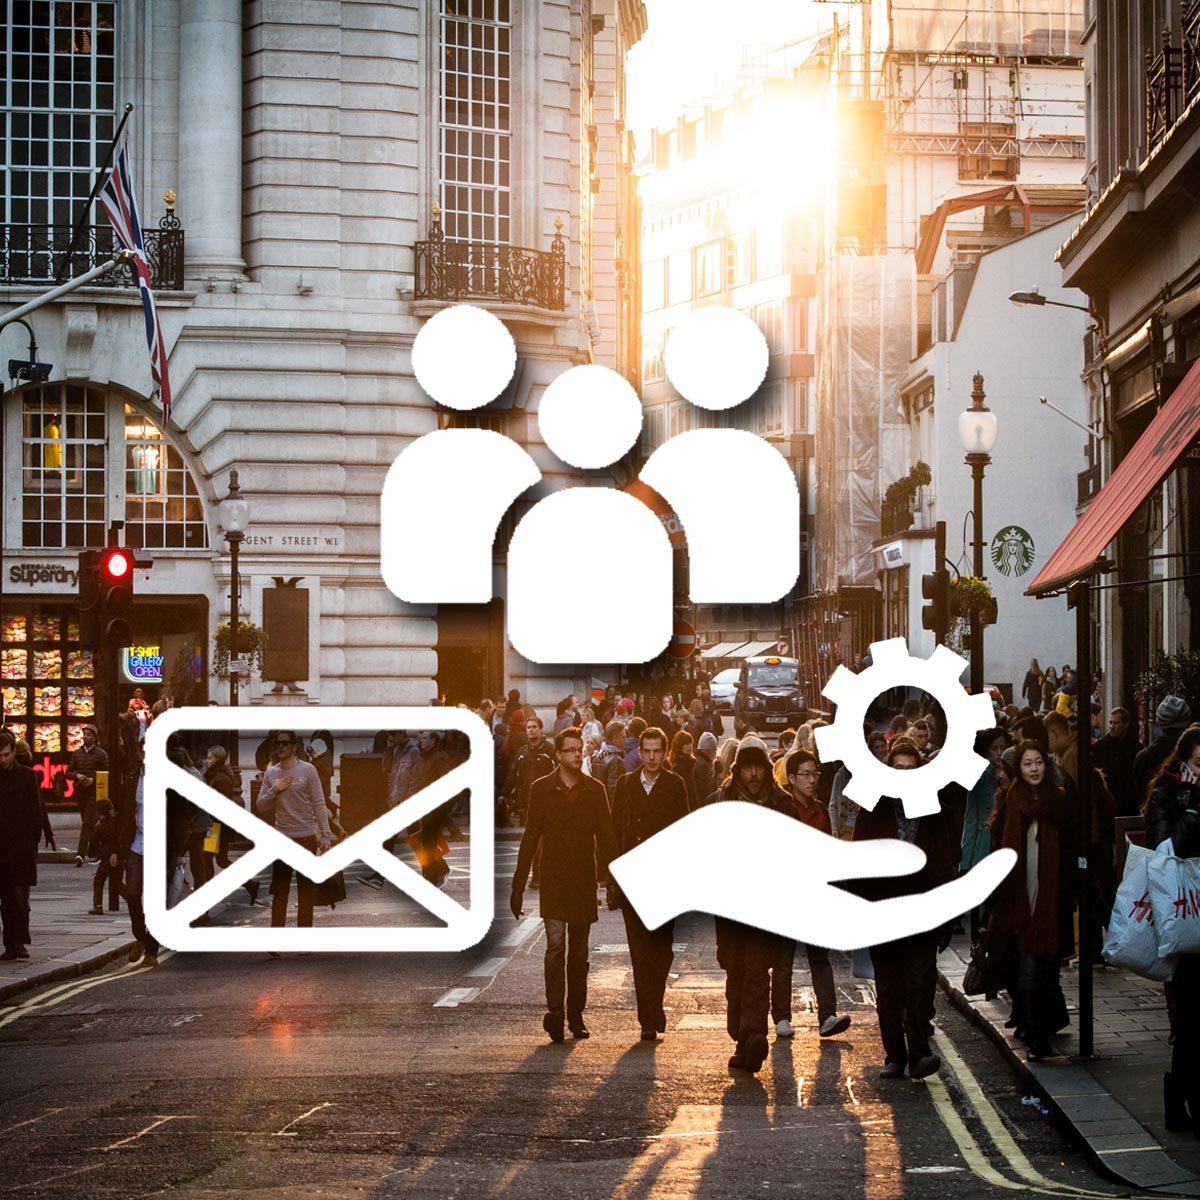 Firmen_Kundenkommunikation_Personalisieren